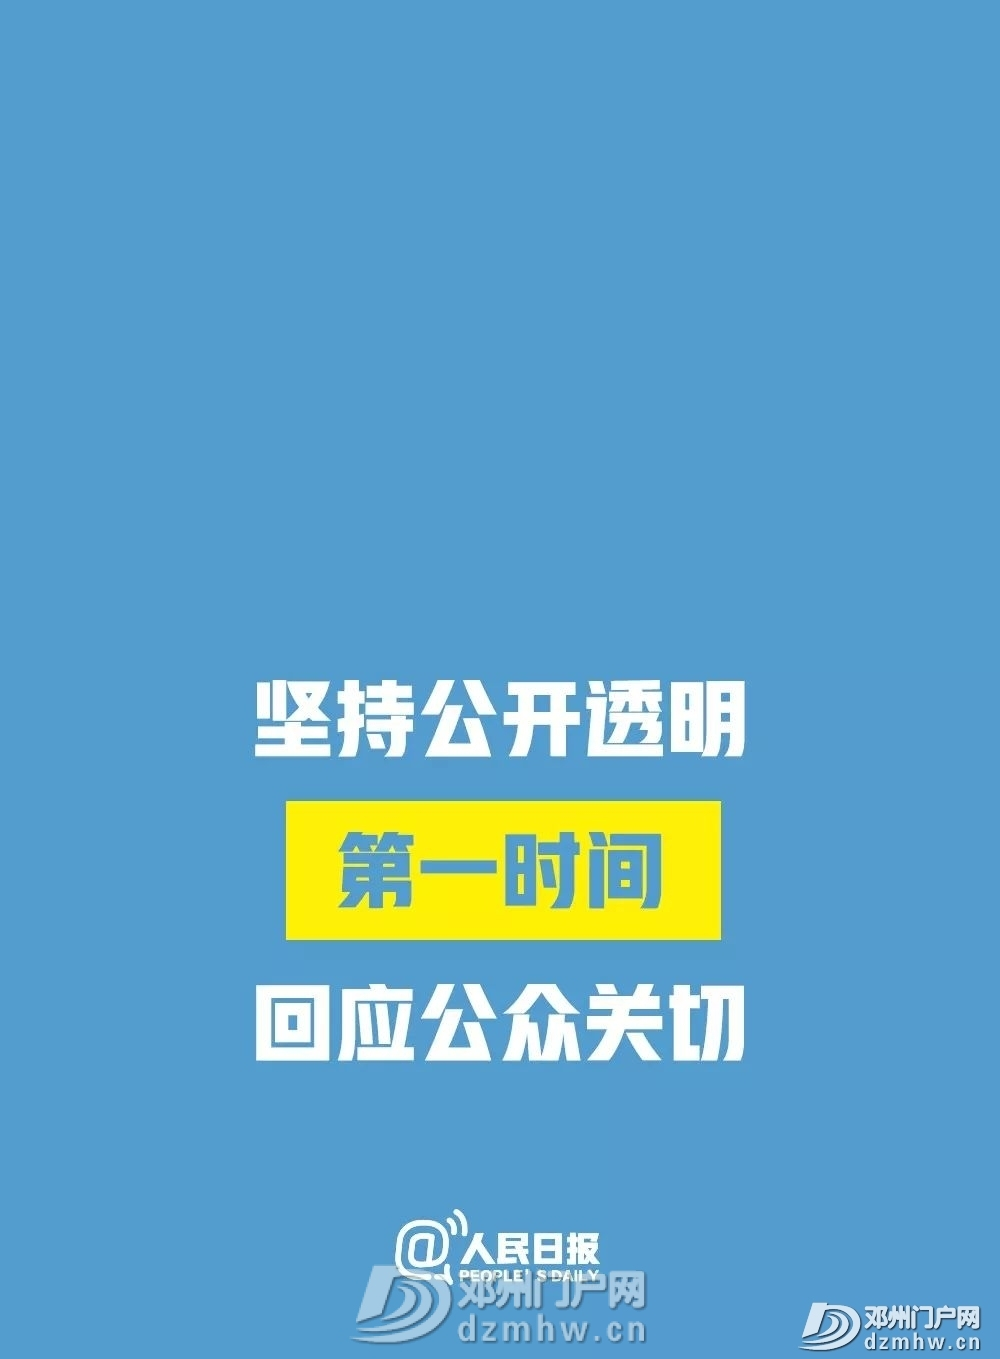 刚刚!河南确诊首位新型肺炎病例,邓州全面禁止销售活禽!铁路部门... - 邓州门户网 邓州网 - 00320492617_919dc74f.jpg